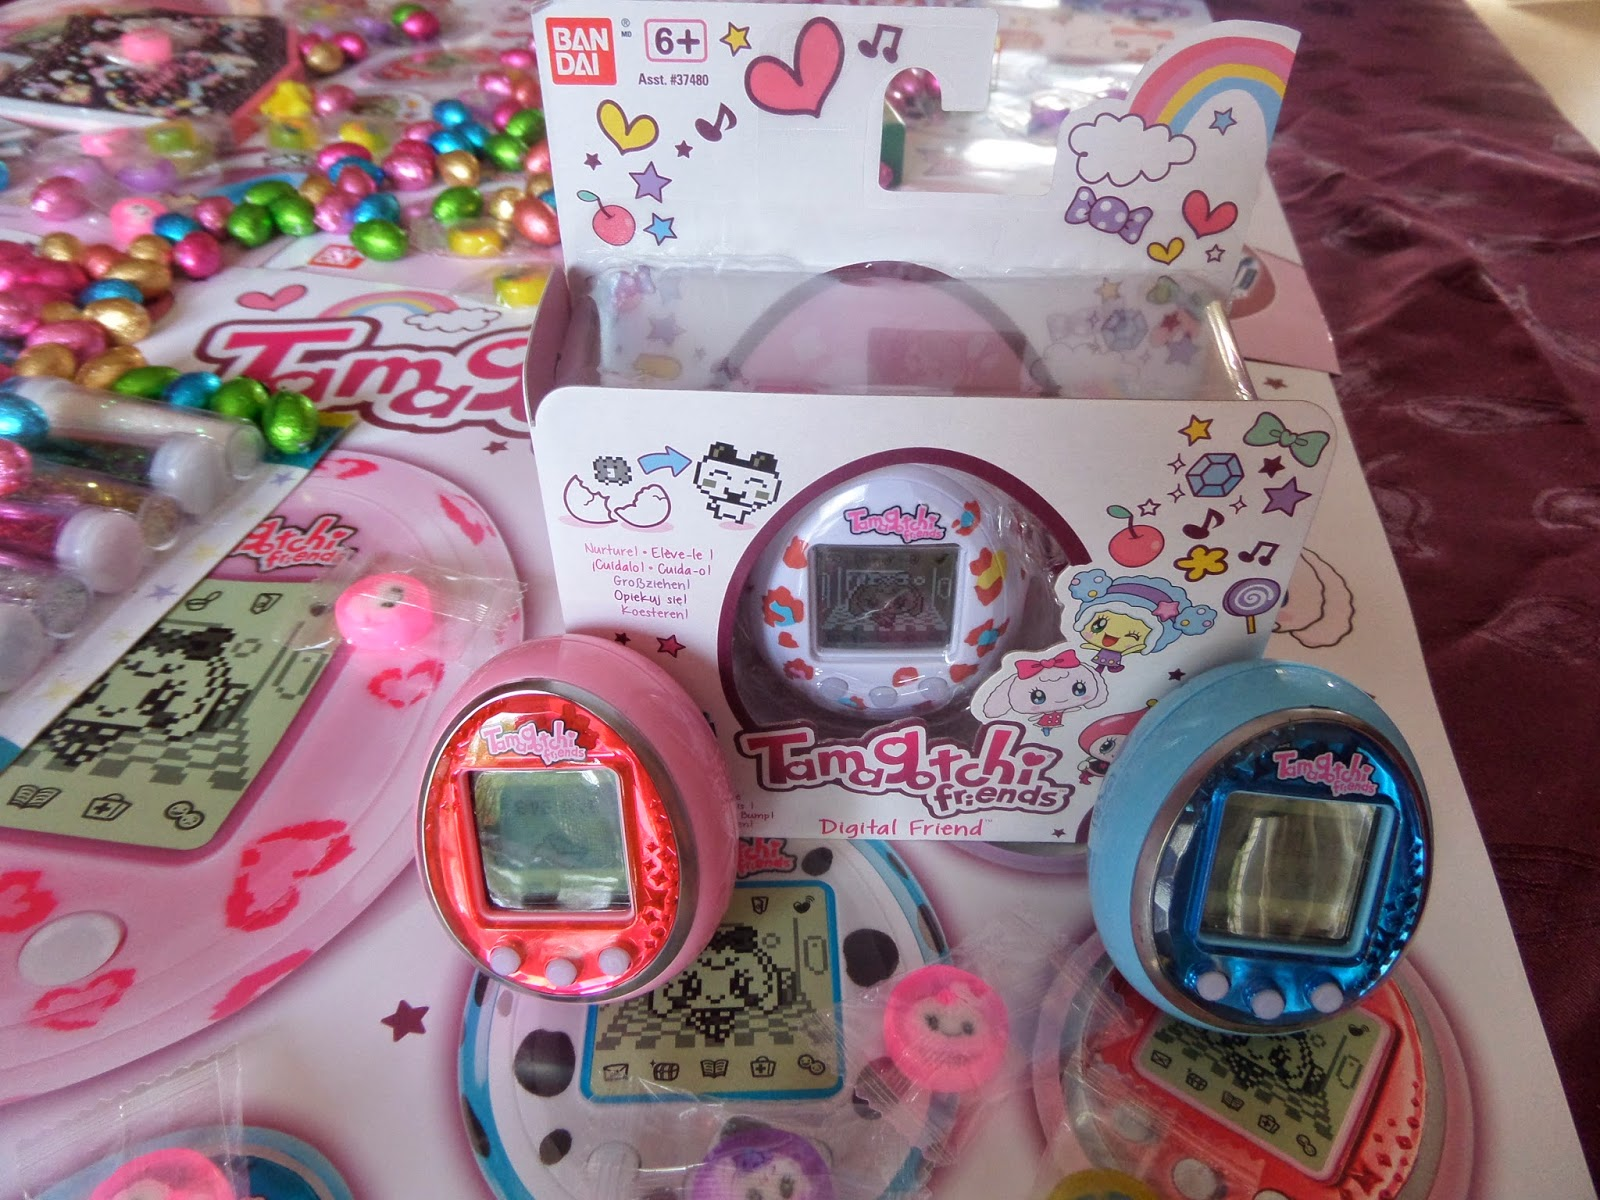 Tamagotchi friends prizes